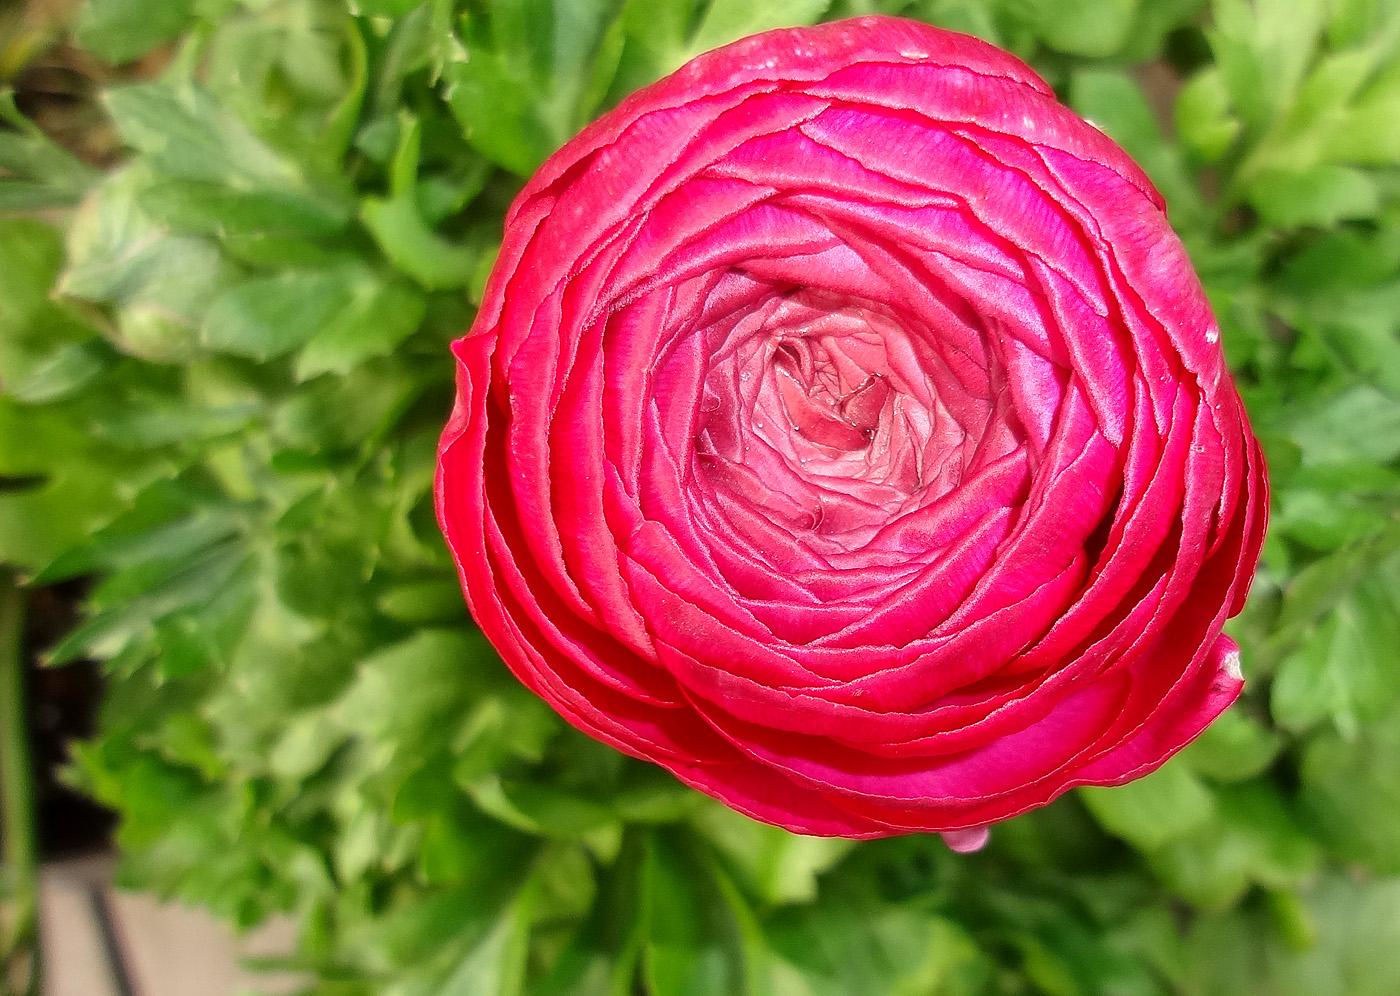 Download flower images clipart transparent Webshots Wallpapers Flower 10080 - Flower Wallpapers - Flowers clipart transparent